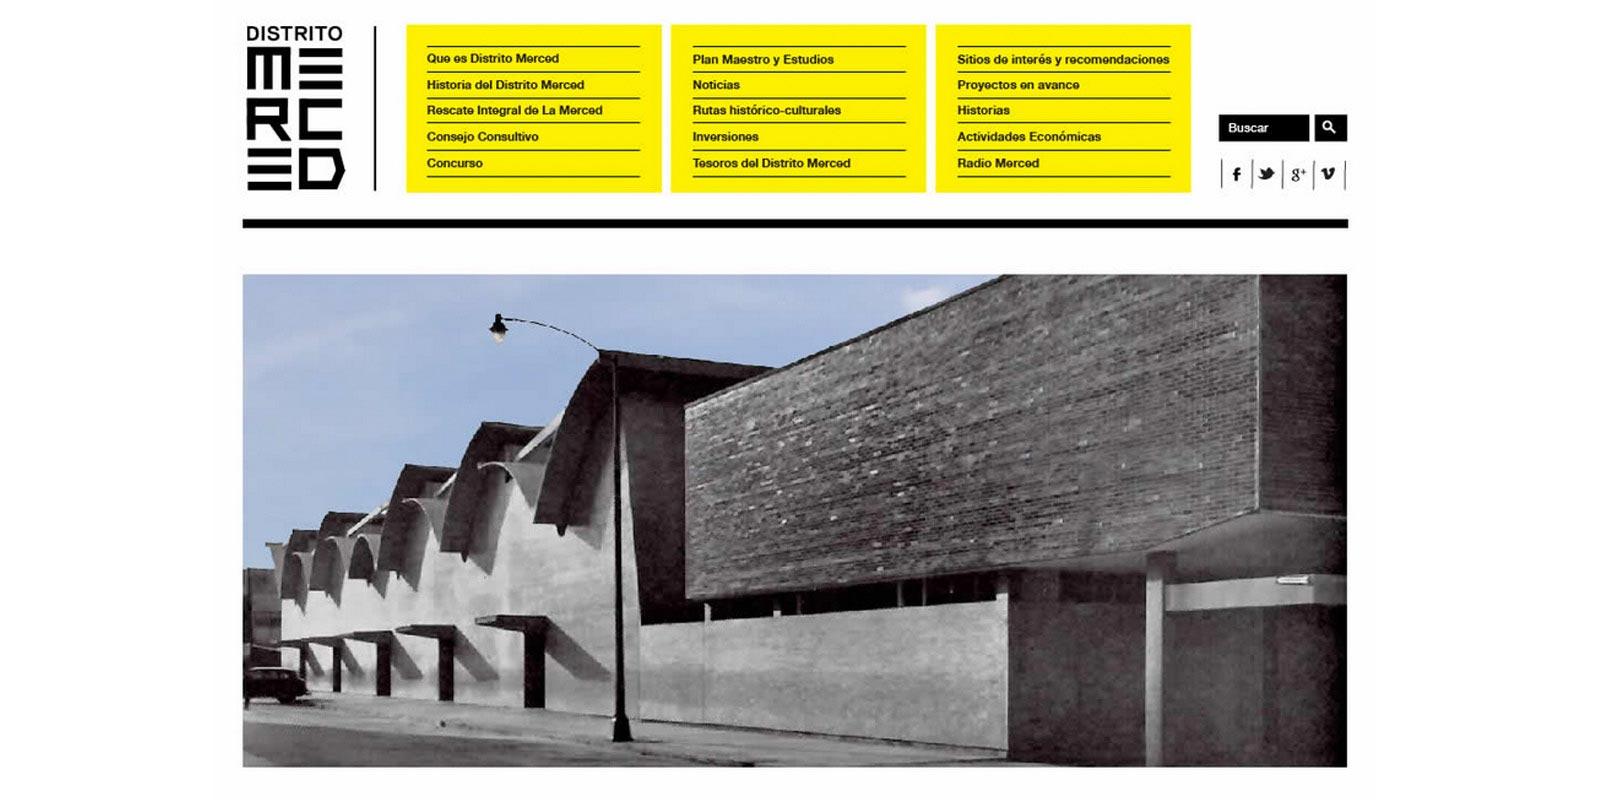 Diseño de identidad del Distrito Merced.